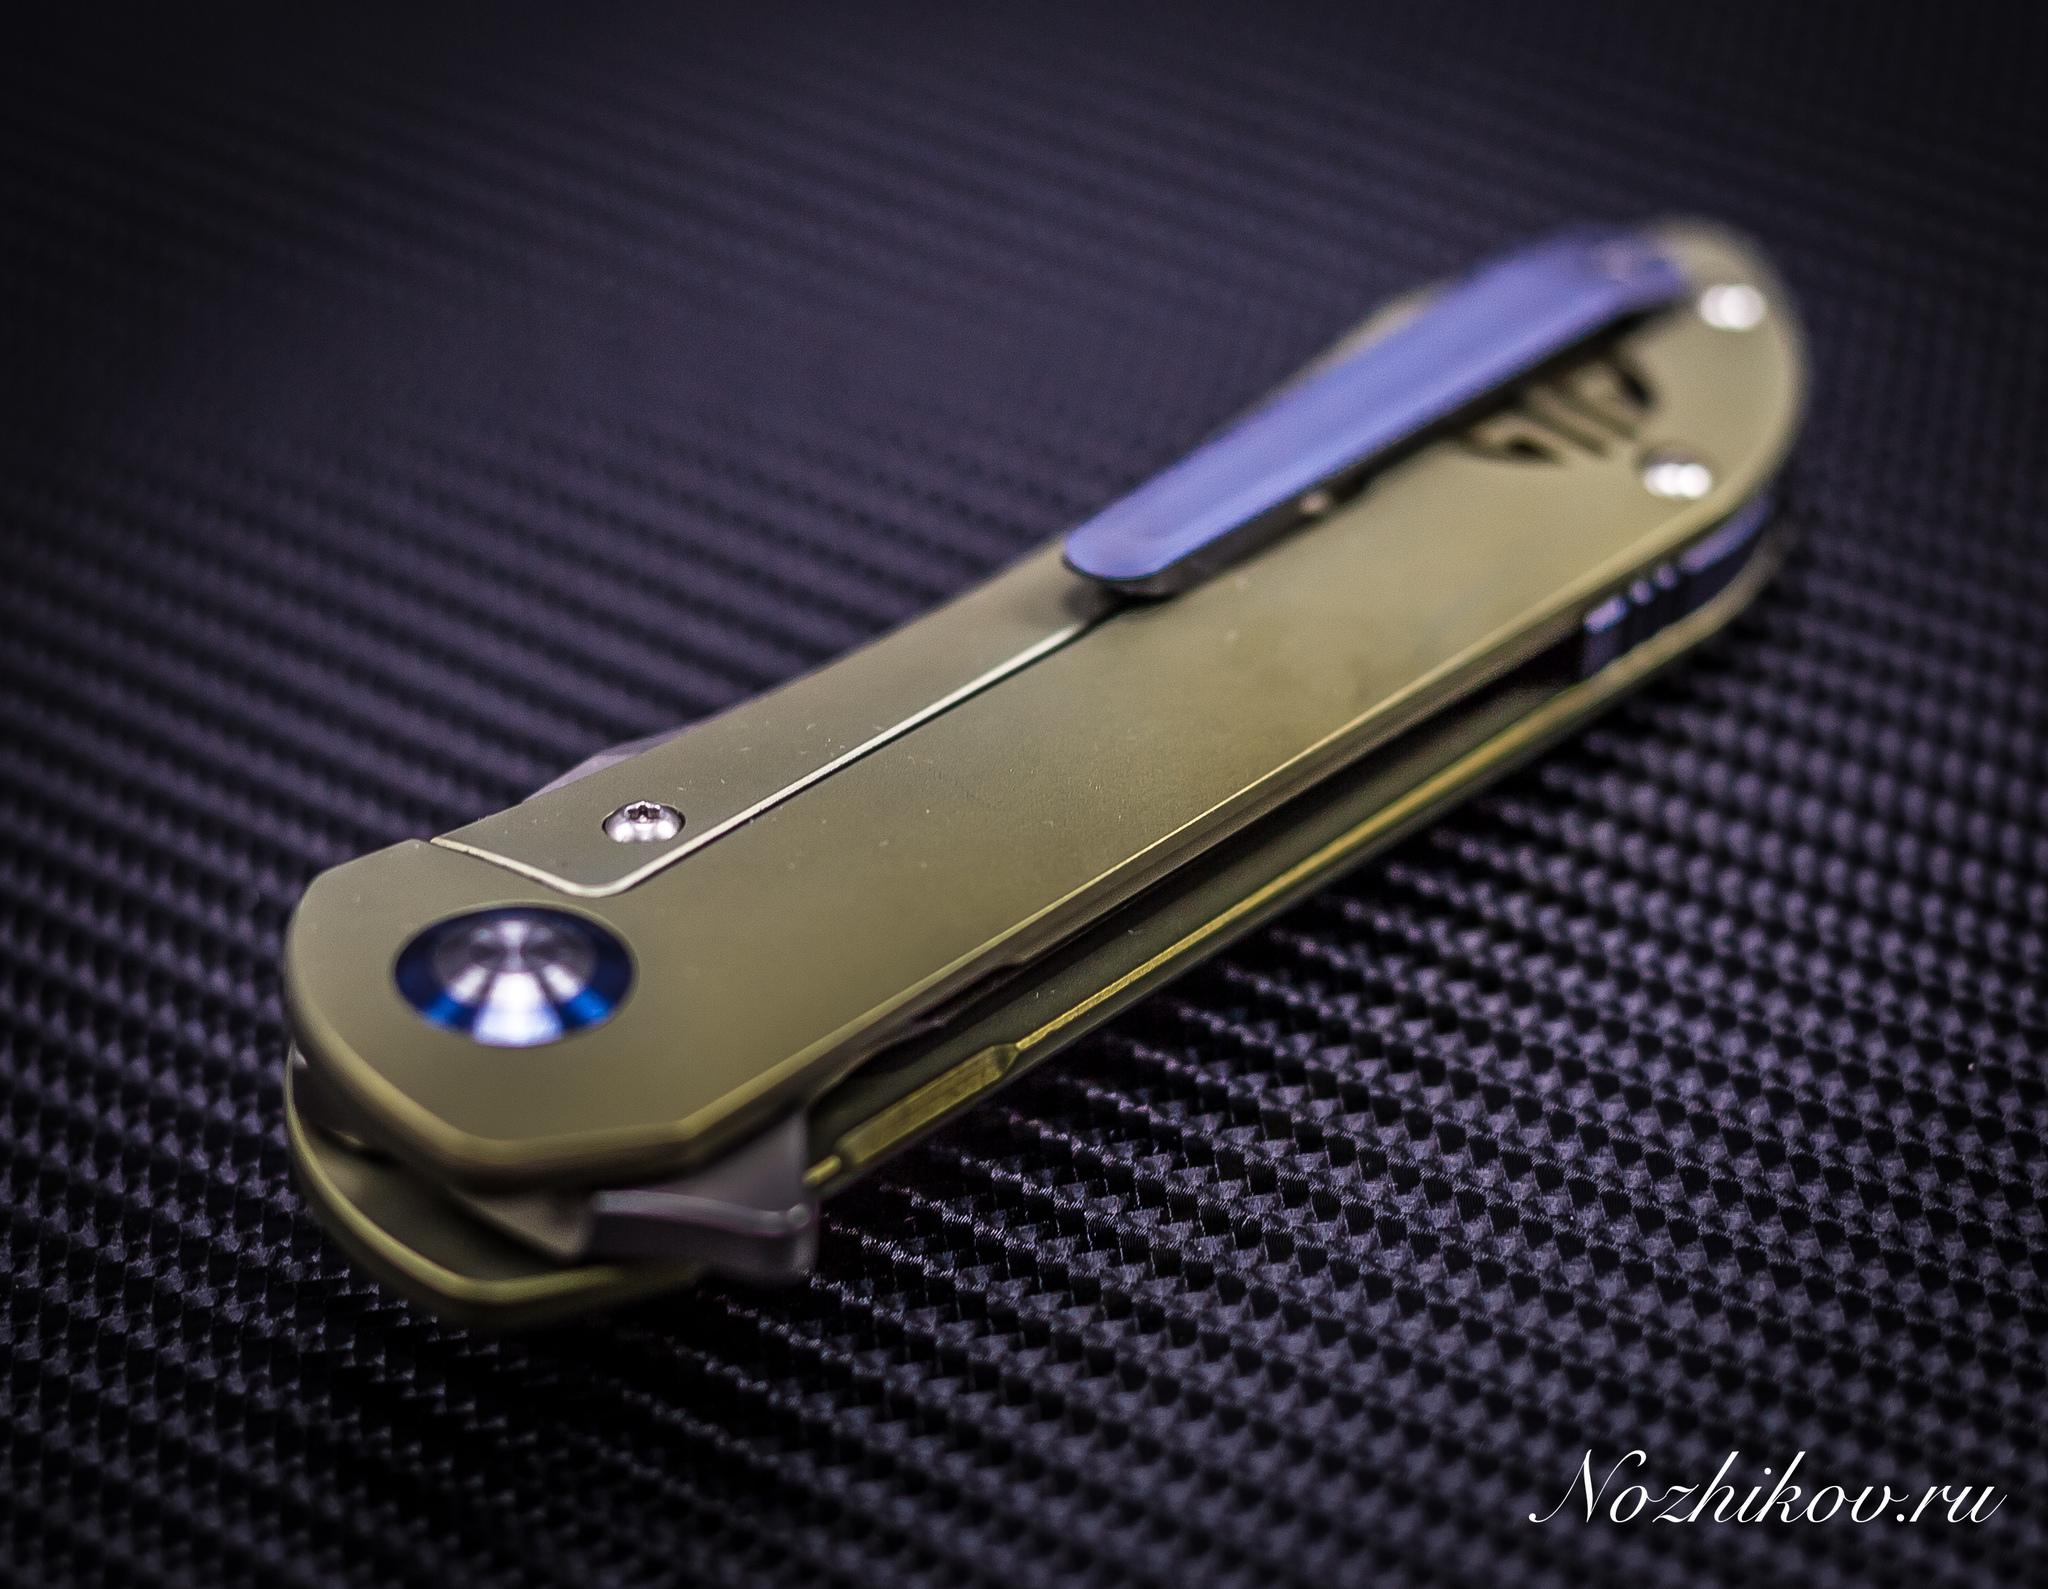 Фото 8 - Складной нож Bestech Knives BT1703B, сталь CPM-S35VN, рукоять титан